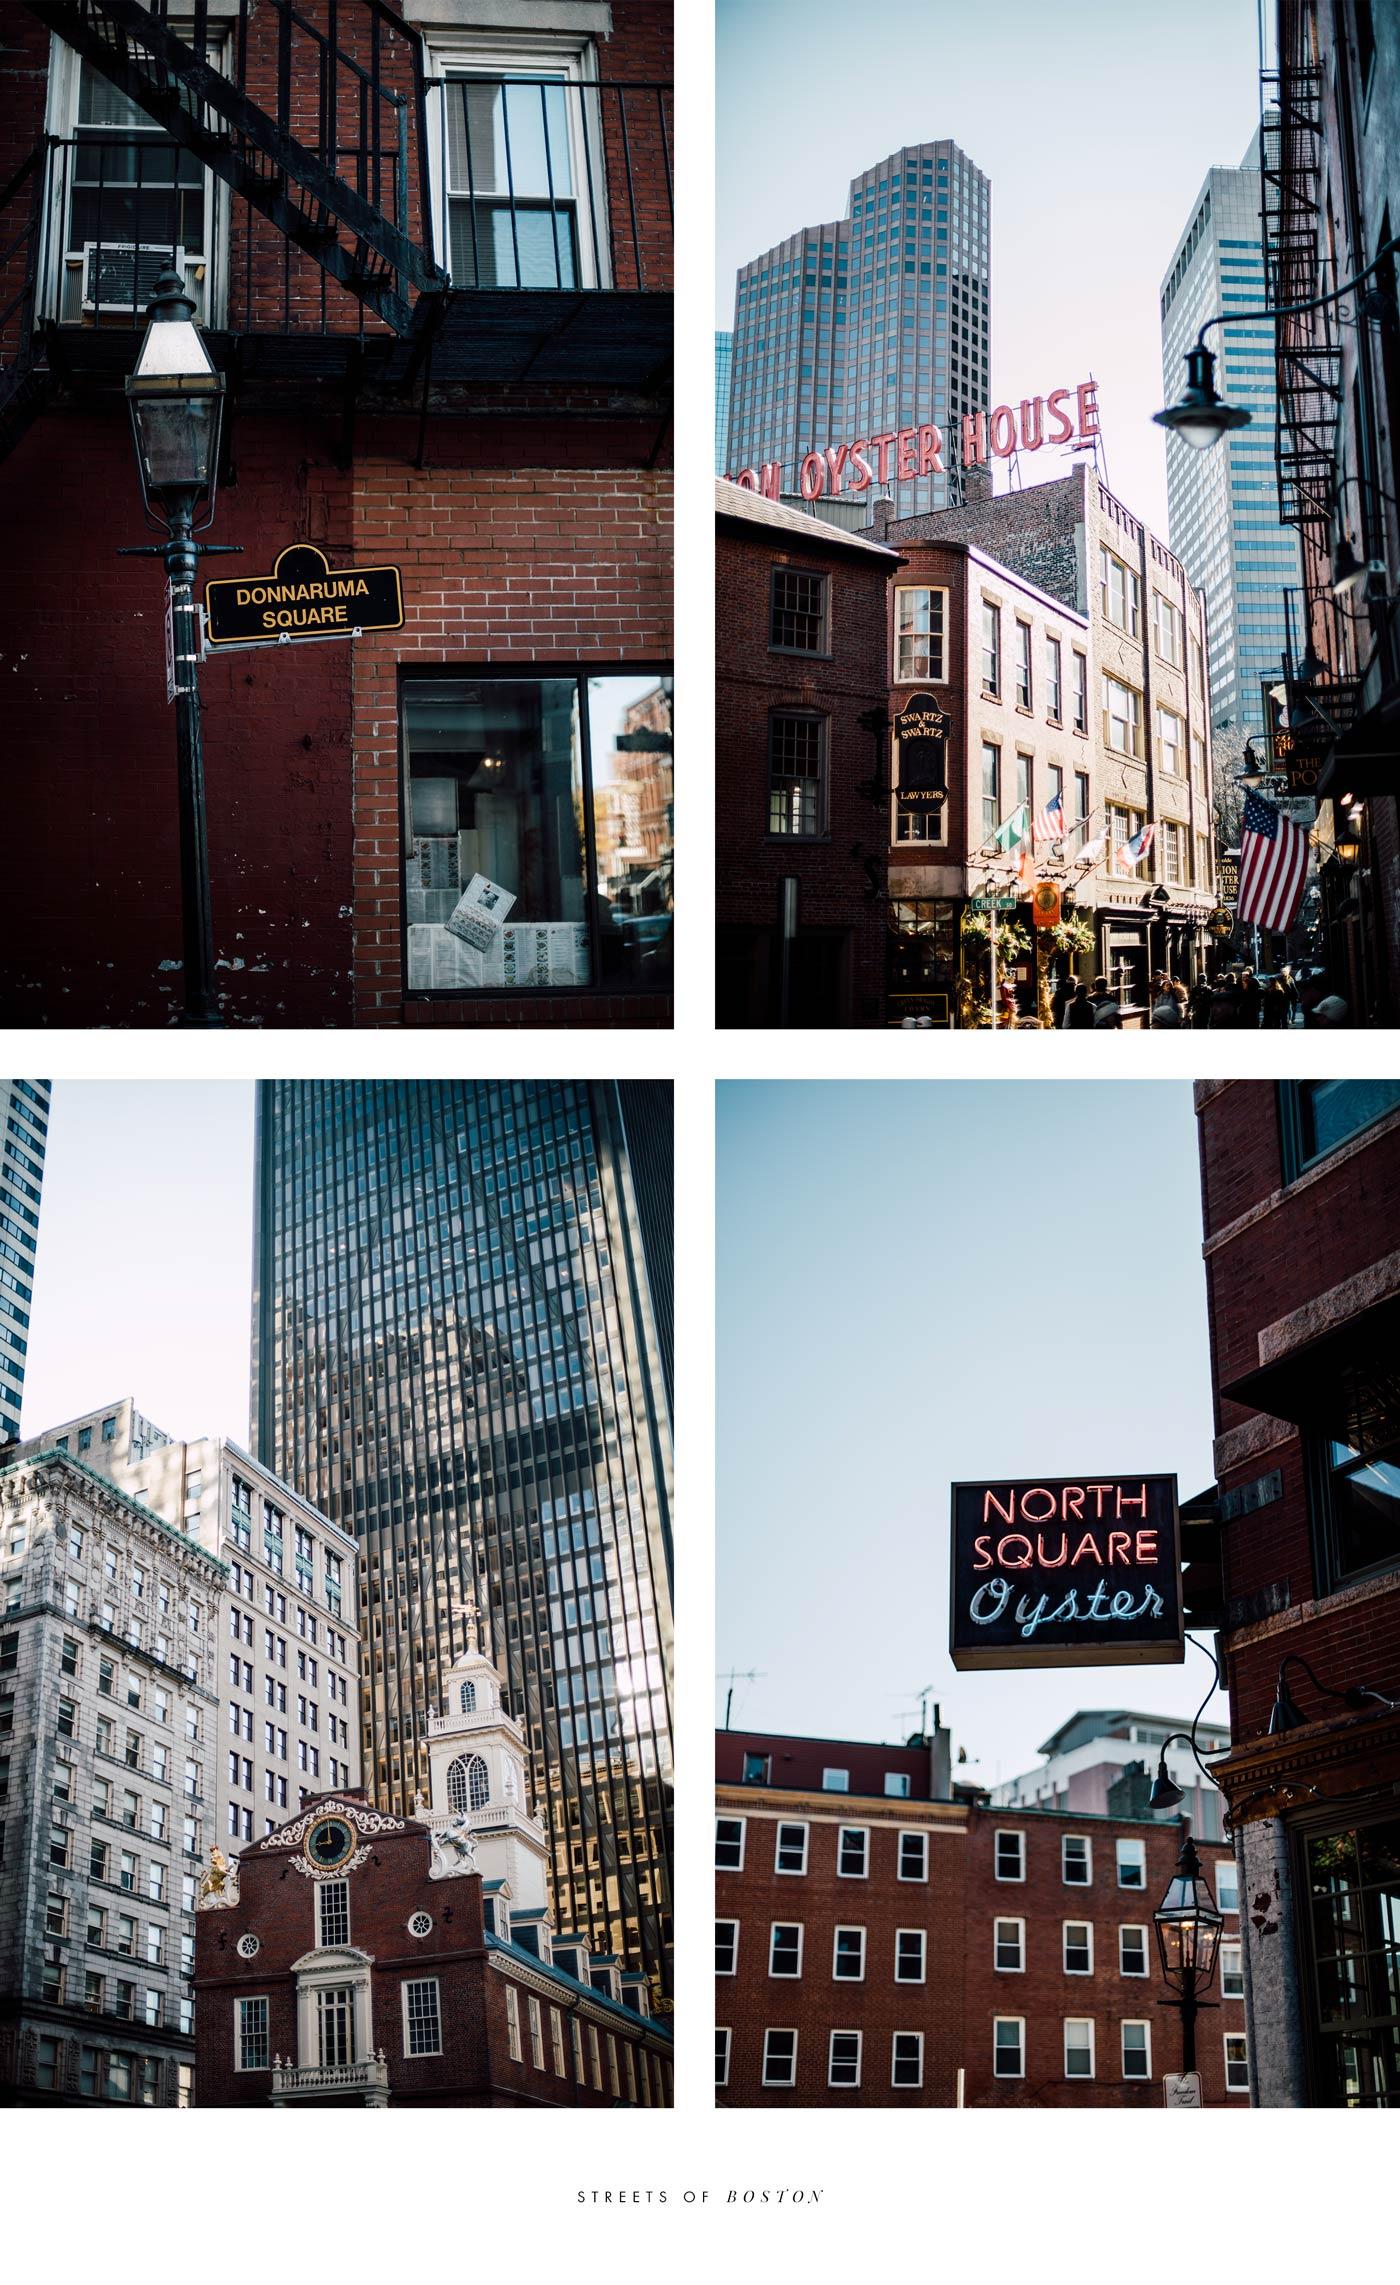 Visiter Boston : les incontournables à ne pas manquer !